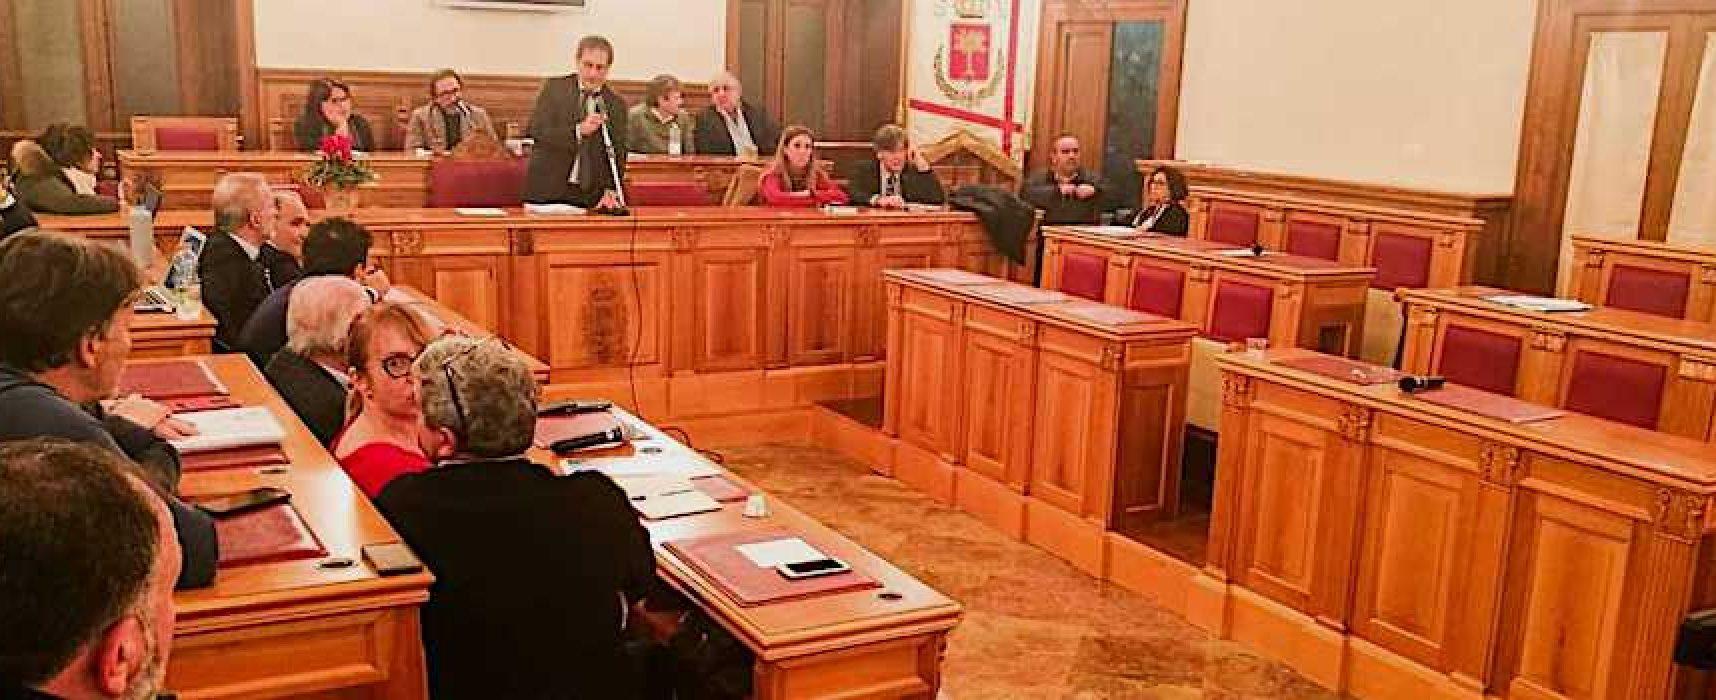 """Consiglio comunale, opposizione abbandona aula. Angarano: """"Loro piano fallito"""""""